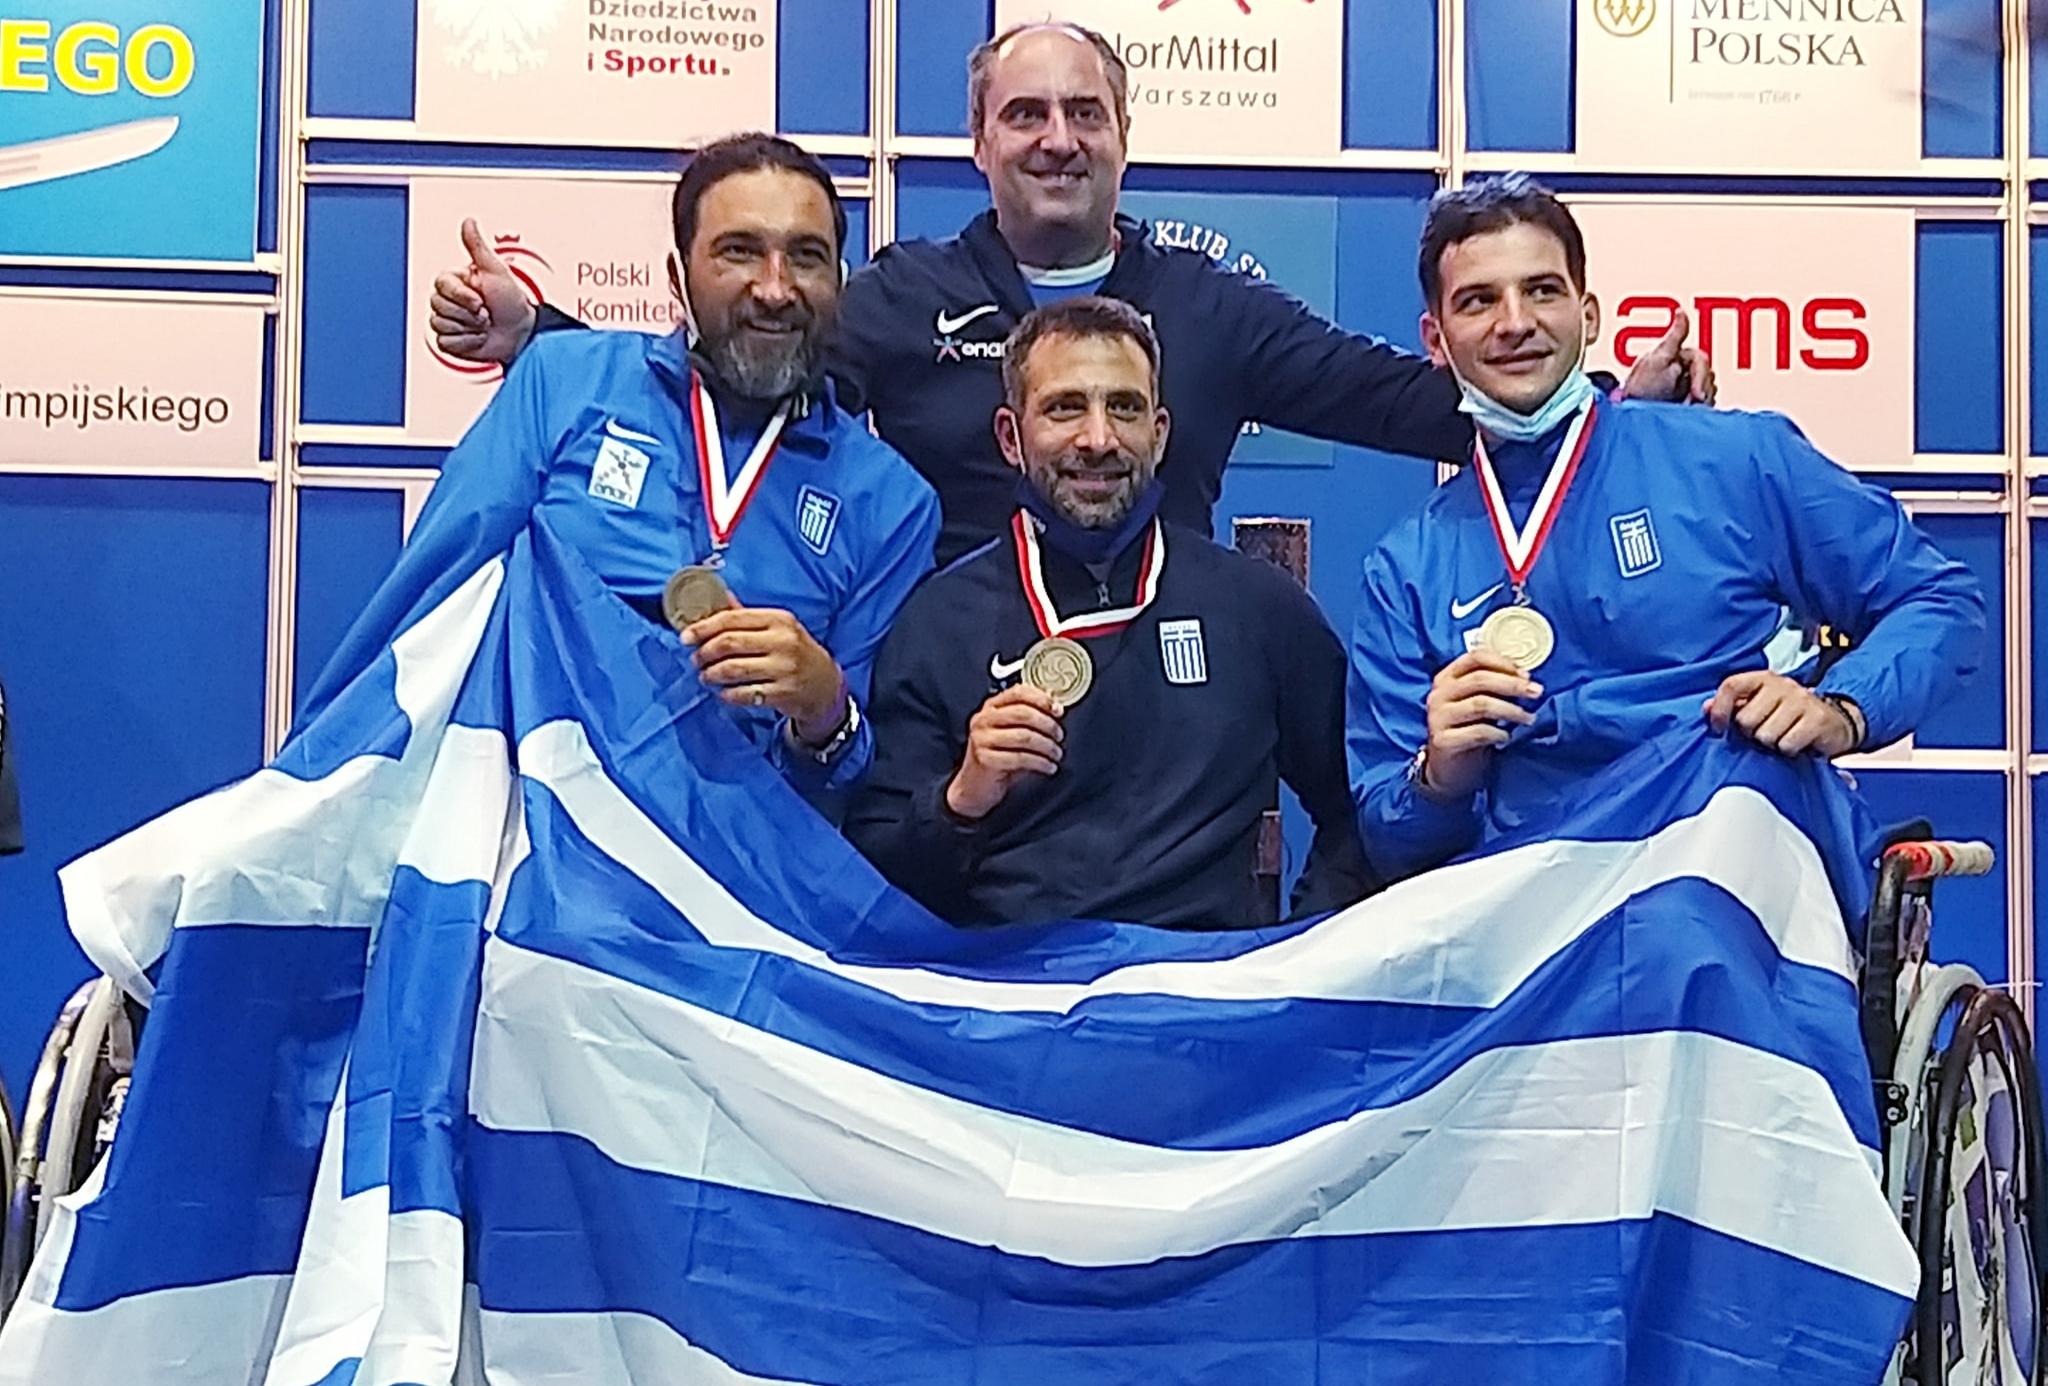 Χάλκινο μετάλλιο για την Ελλάδα στο ομαδικό σπάθης σε αμαξίδιο